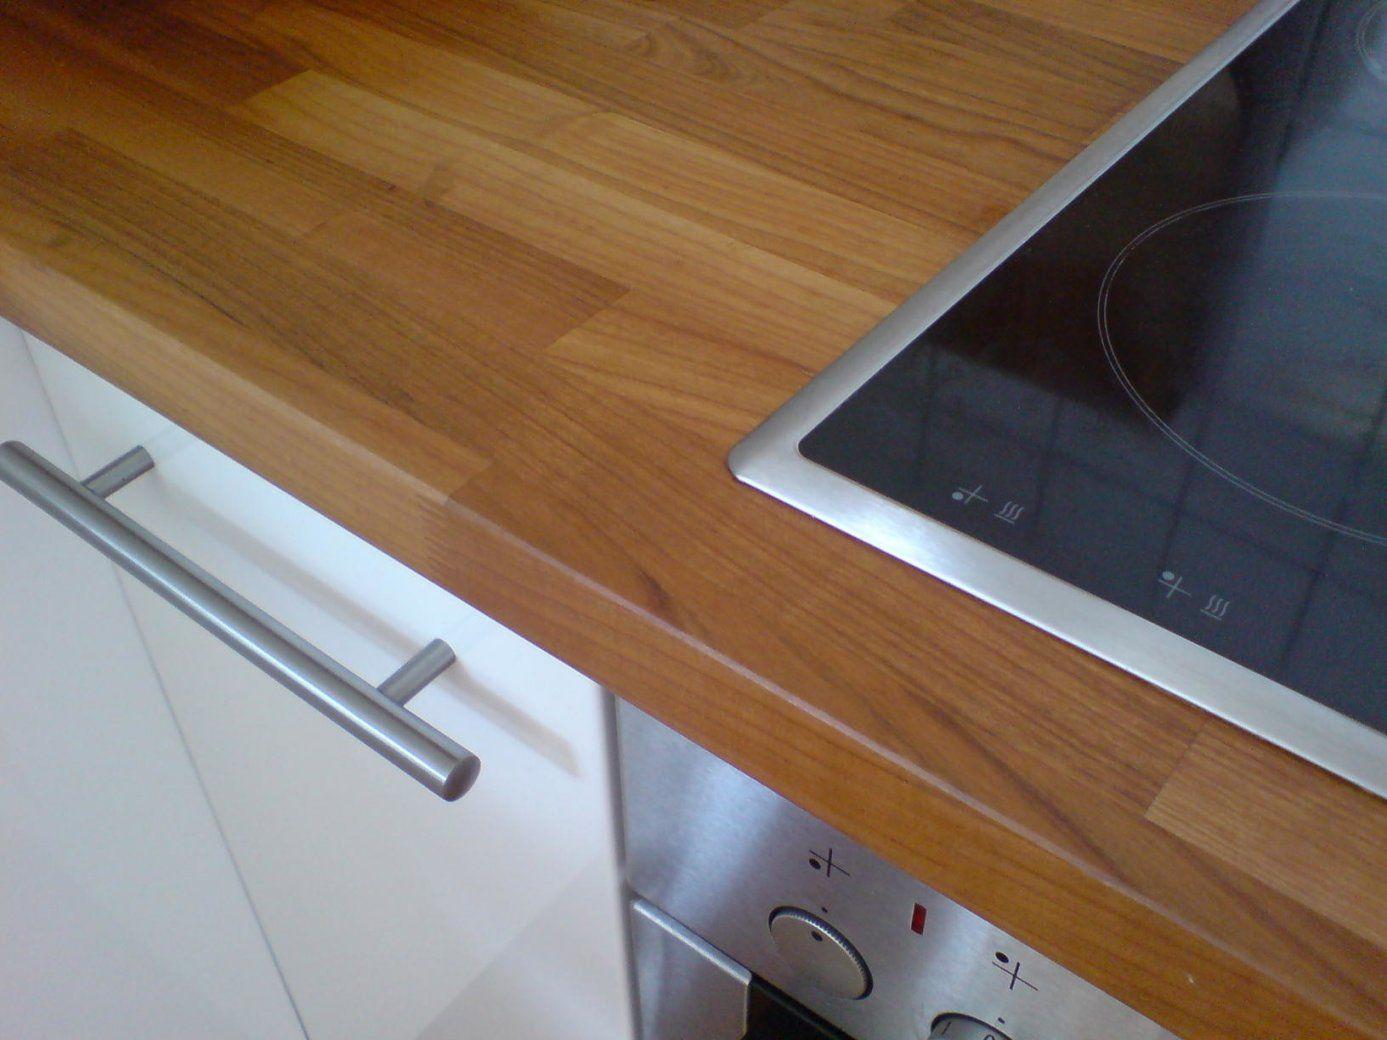 Leiste Für Arbeitsplatte Kochkorinfo Wandabschlussleiste Kche Edelstahl von Leiste Für Arbeitsplatte Küche Photo